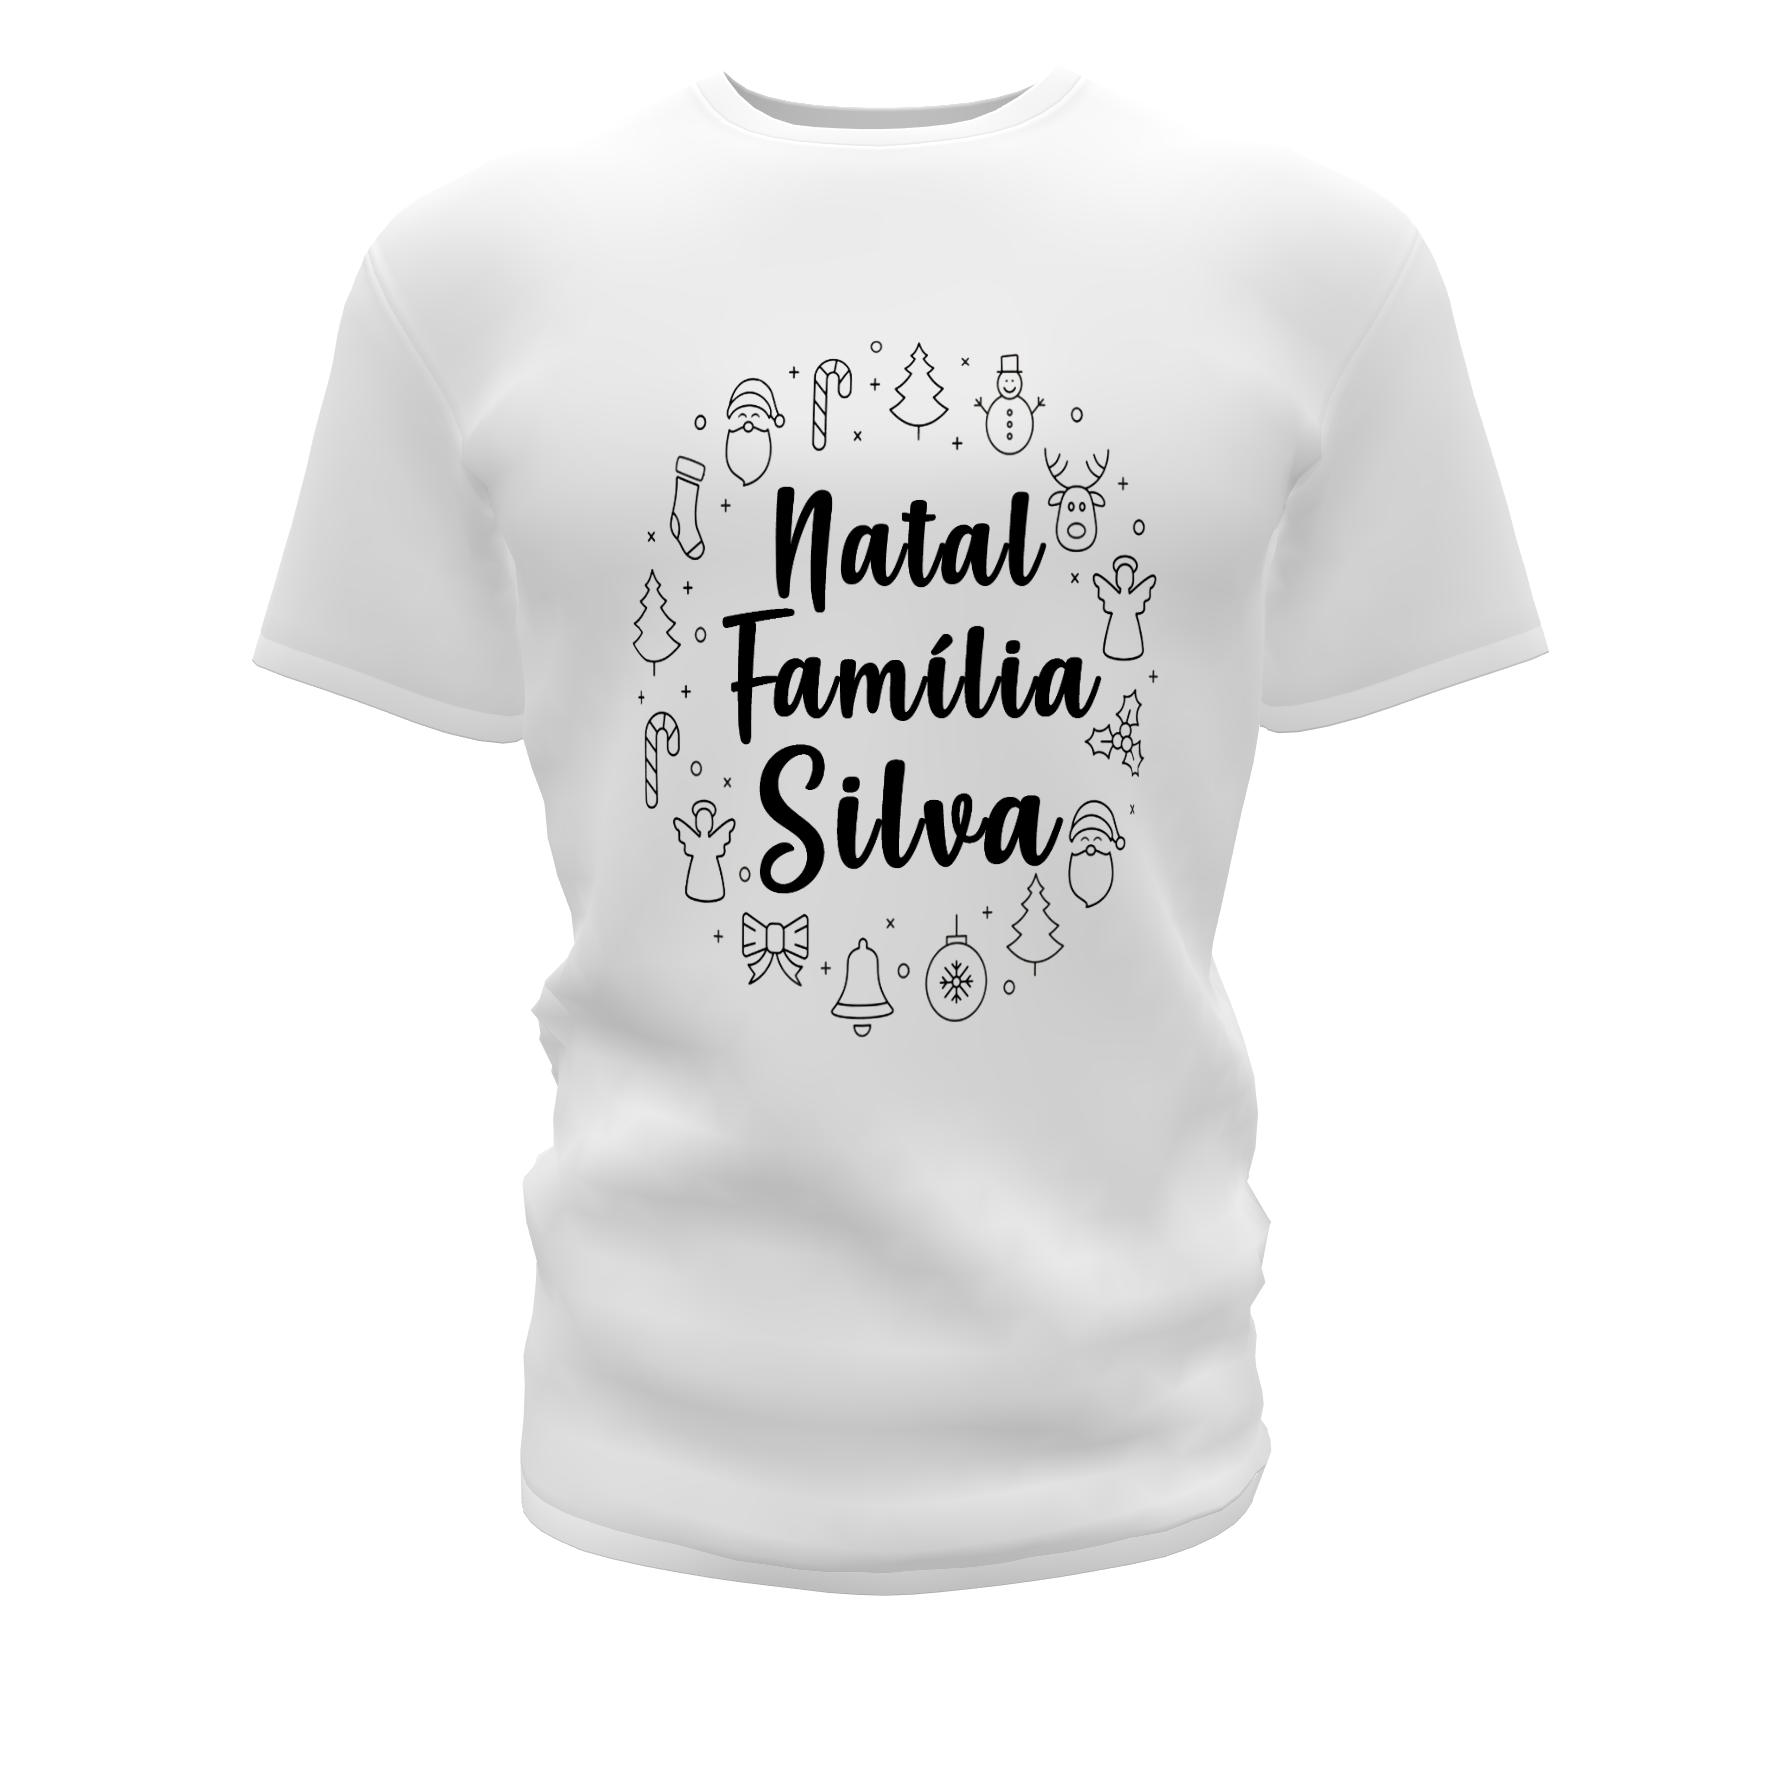 Camisetas Personalizadas para o Natal